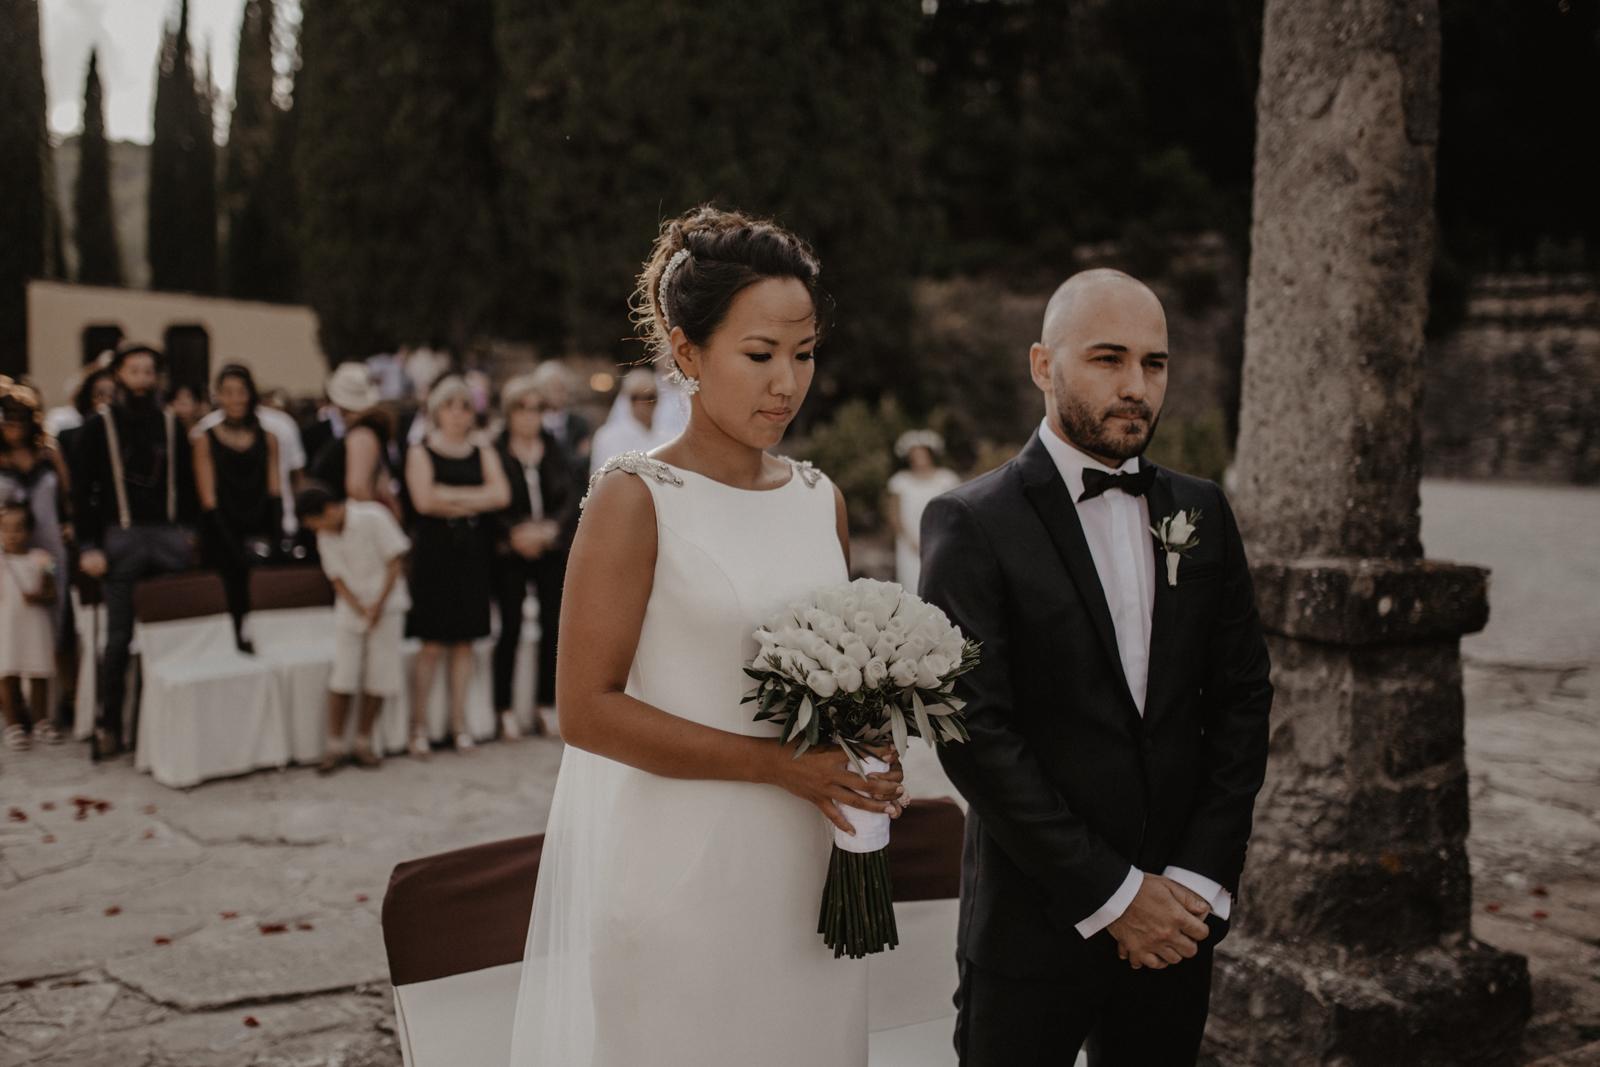 thenortherngirlphotography_photography_thenortherngirl_rebeccascabros_wedding_weddingphotography_weddingphotographer_barcelona_bodaenlabaronia_labaronia_japanesewedding_destinationwedding_shokoalbert-439.jpg